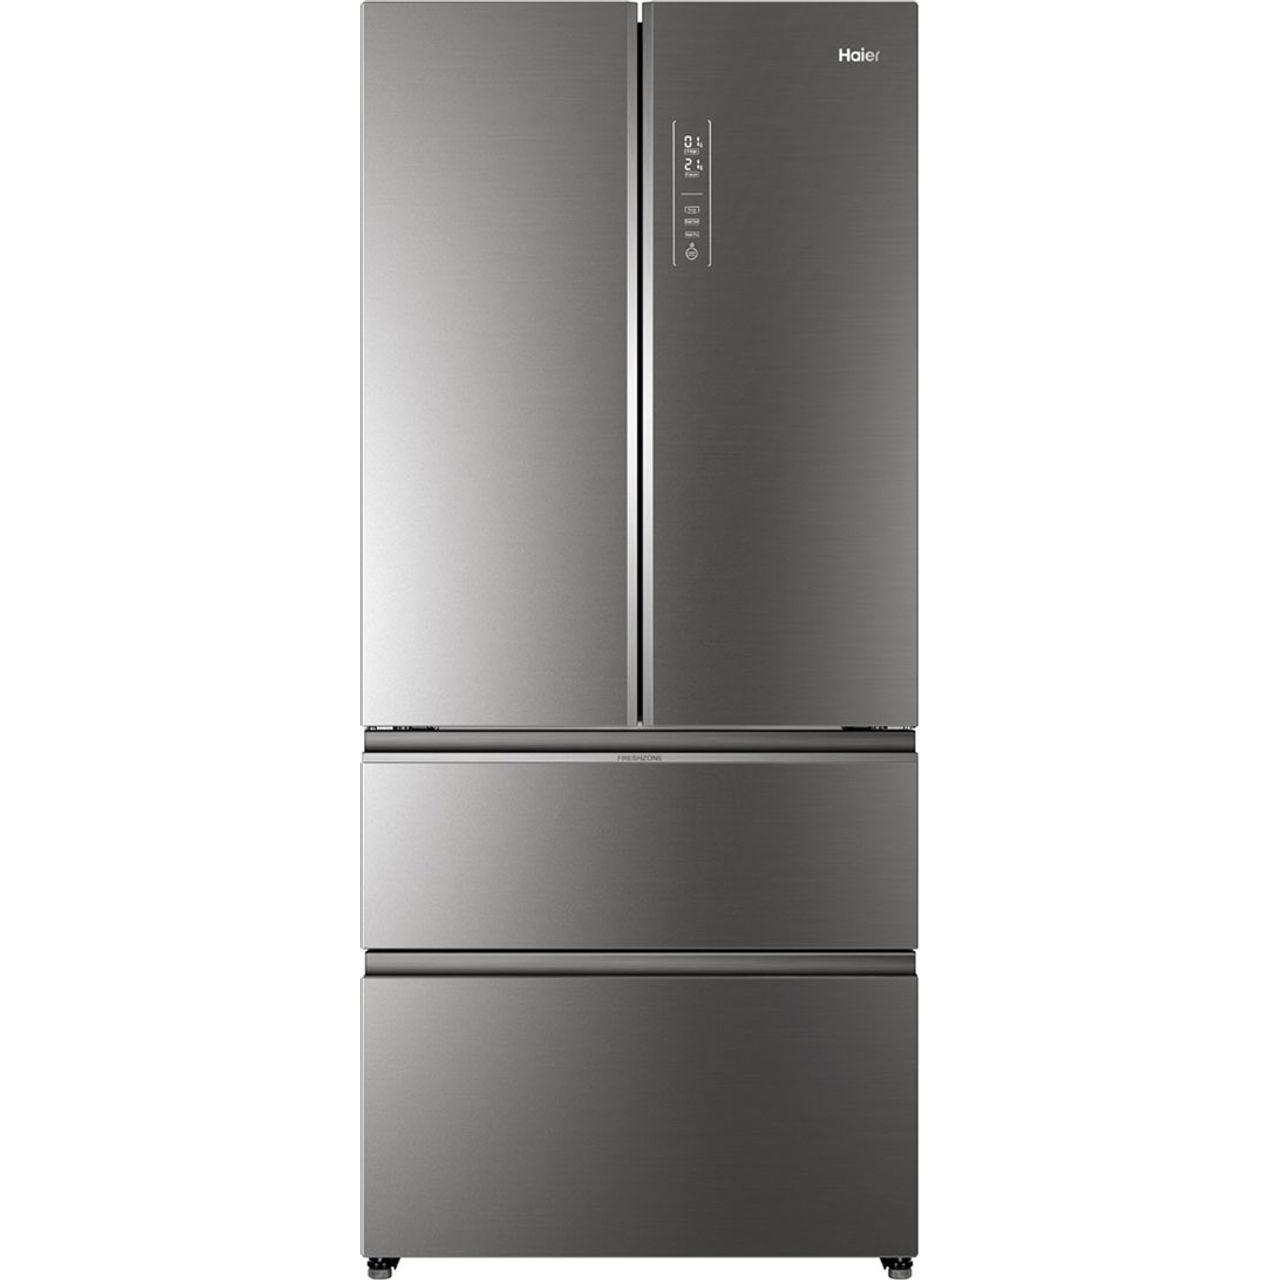 Side By Side Kühlschrank Mit 0 Grad Zone : Kühlschrank side by side preisvergleich u die besten angebote